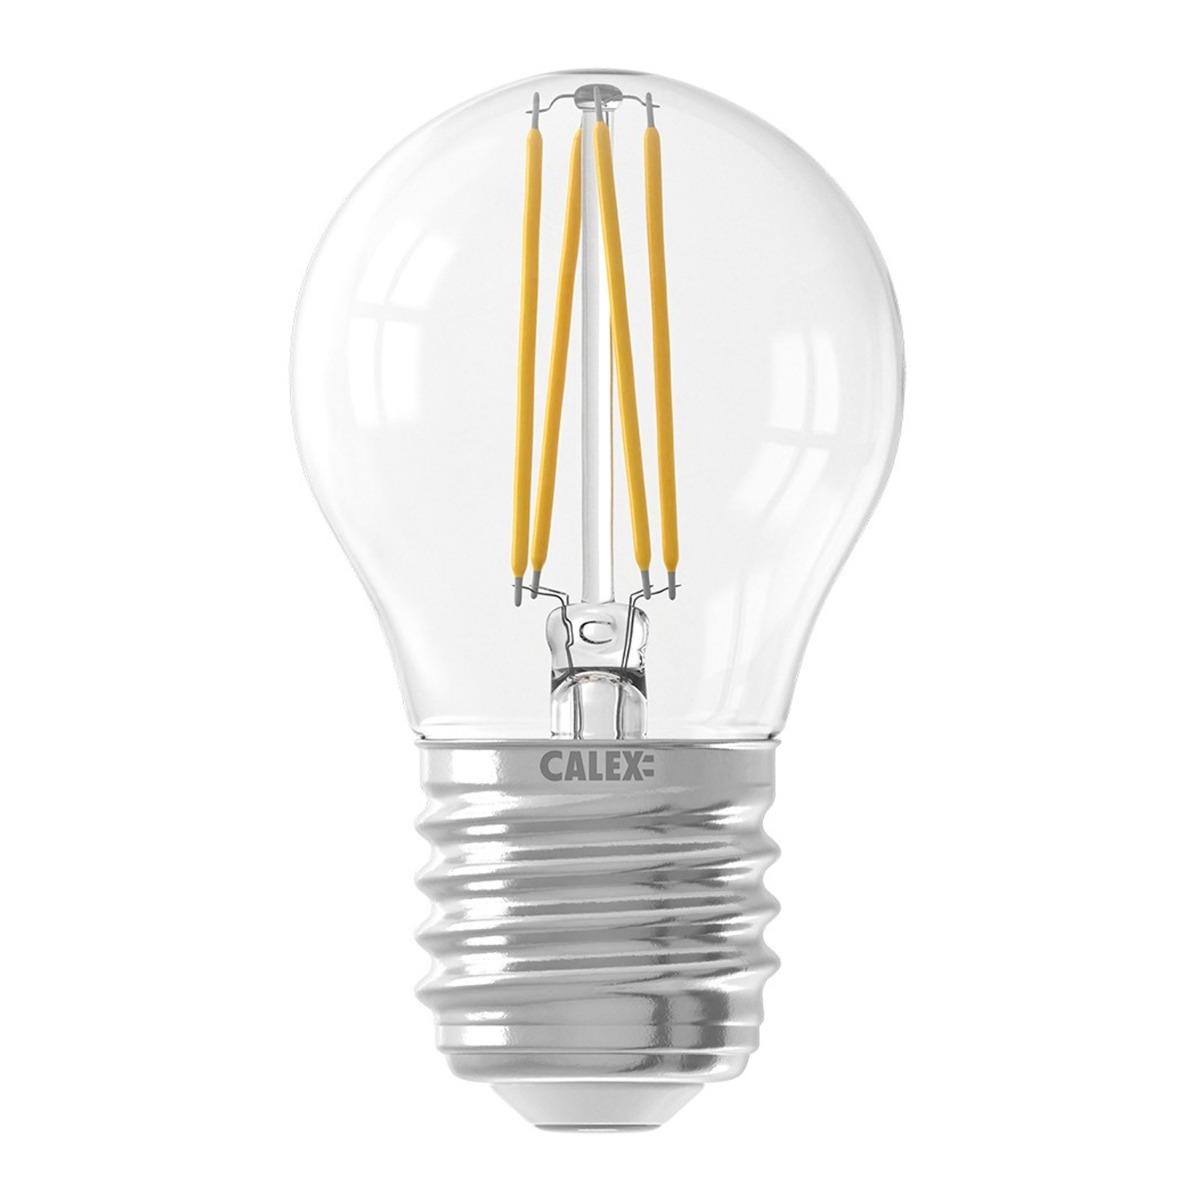 Bilde av Calex Smart Sfærisk Led Pære E27 4,5w 450lm 1800-3000k Filament | Tuya Wifi - Innstillbar Hvit